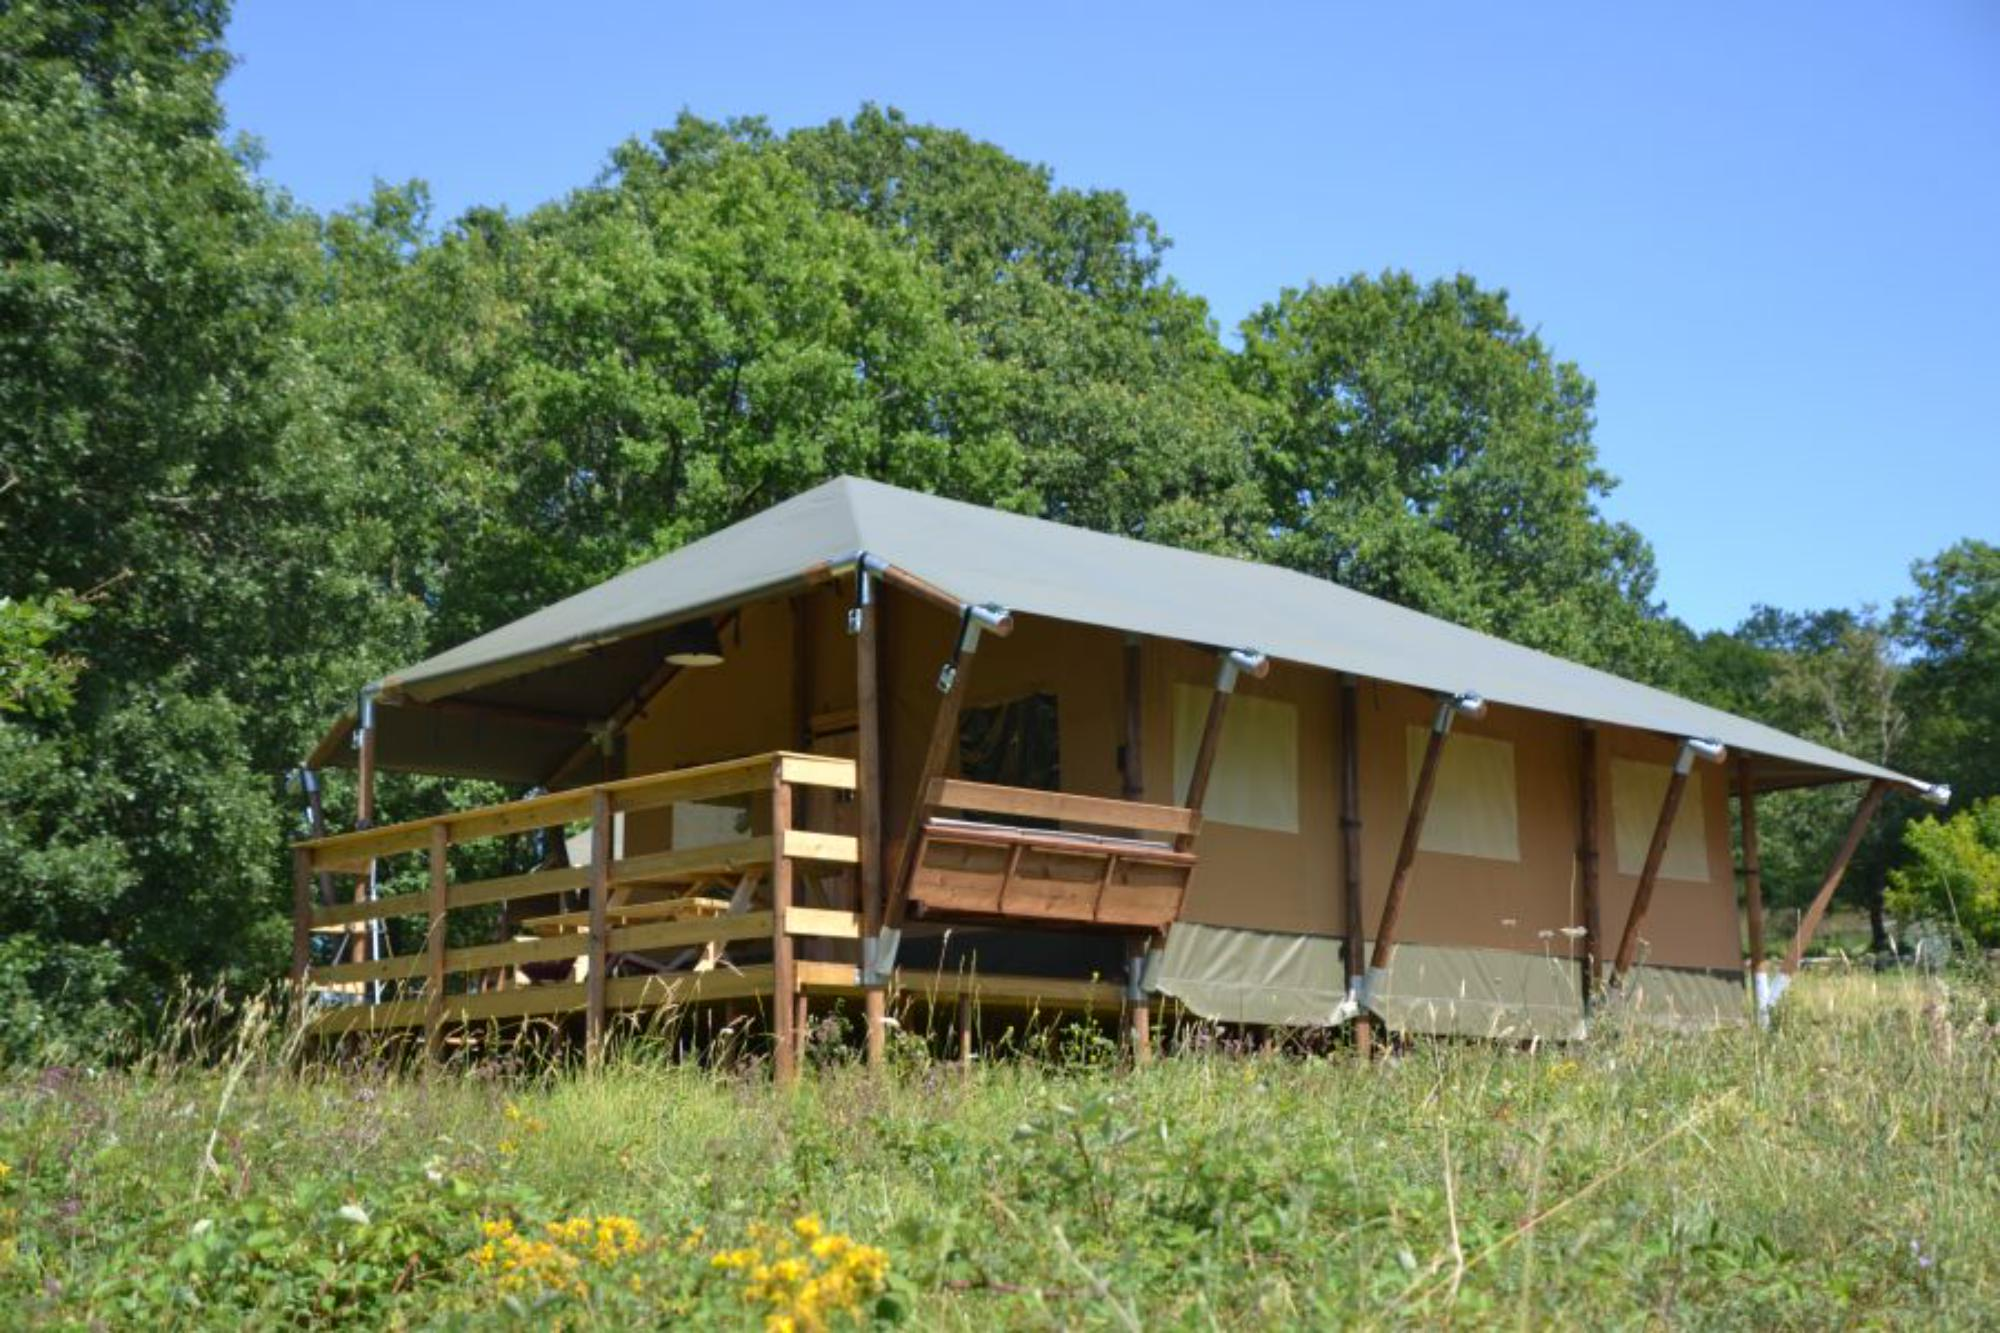 Campsites in Europe – I Love This Campsite